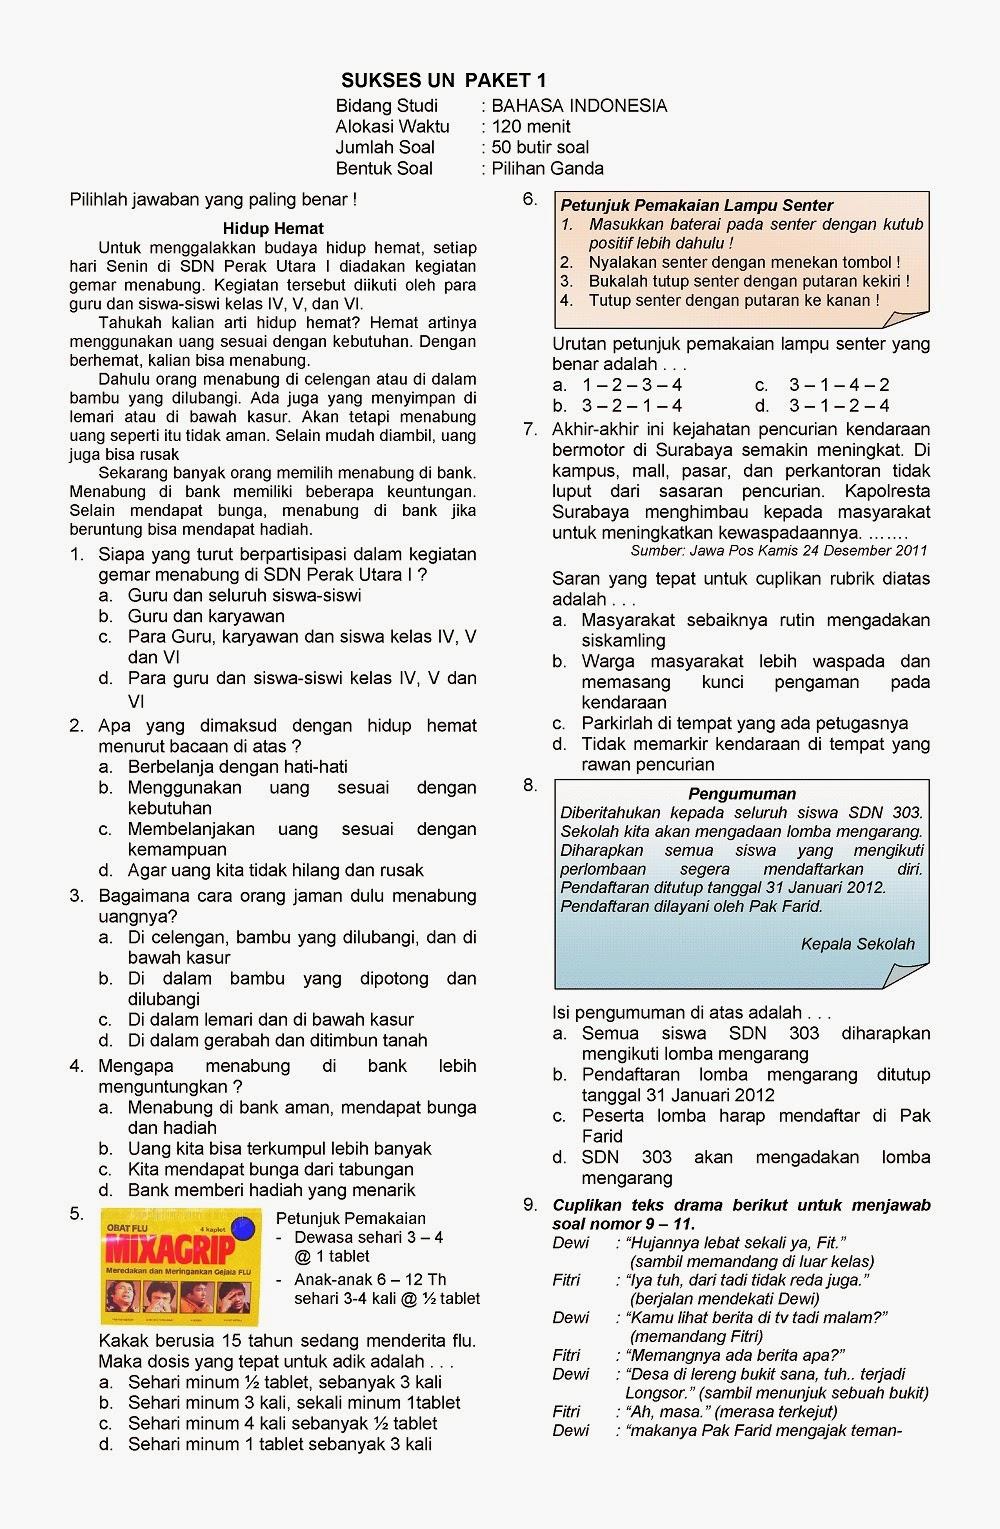 Kumpulan Soal Sd Kunci Dan Soal Un Bahasa Indonesia Kelas 6 Sd Ta 2013 2014